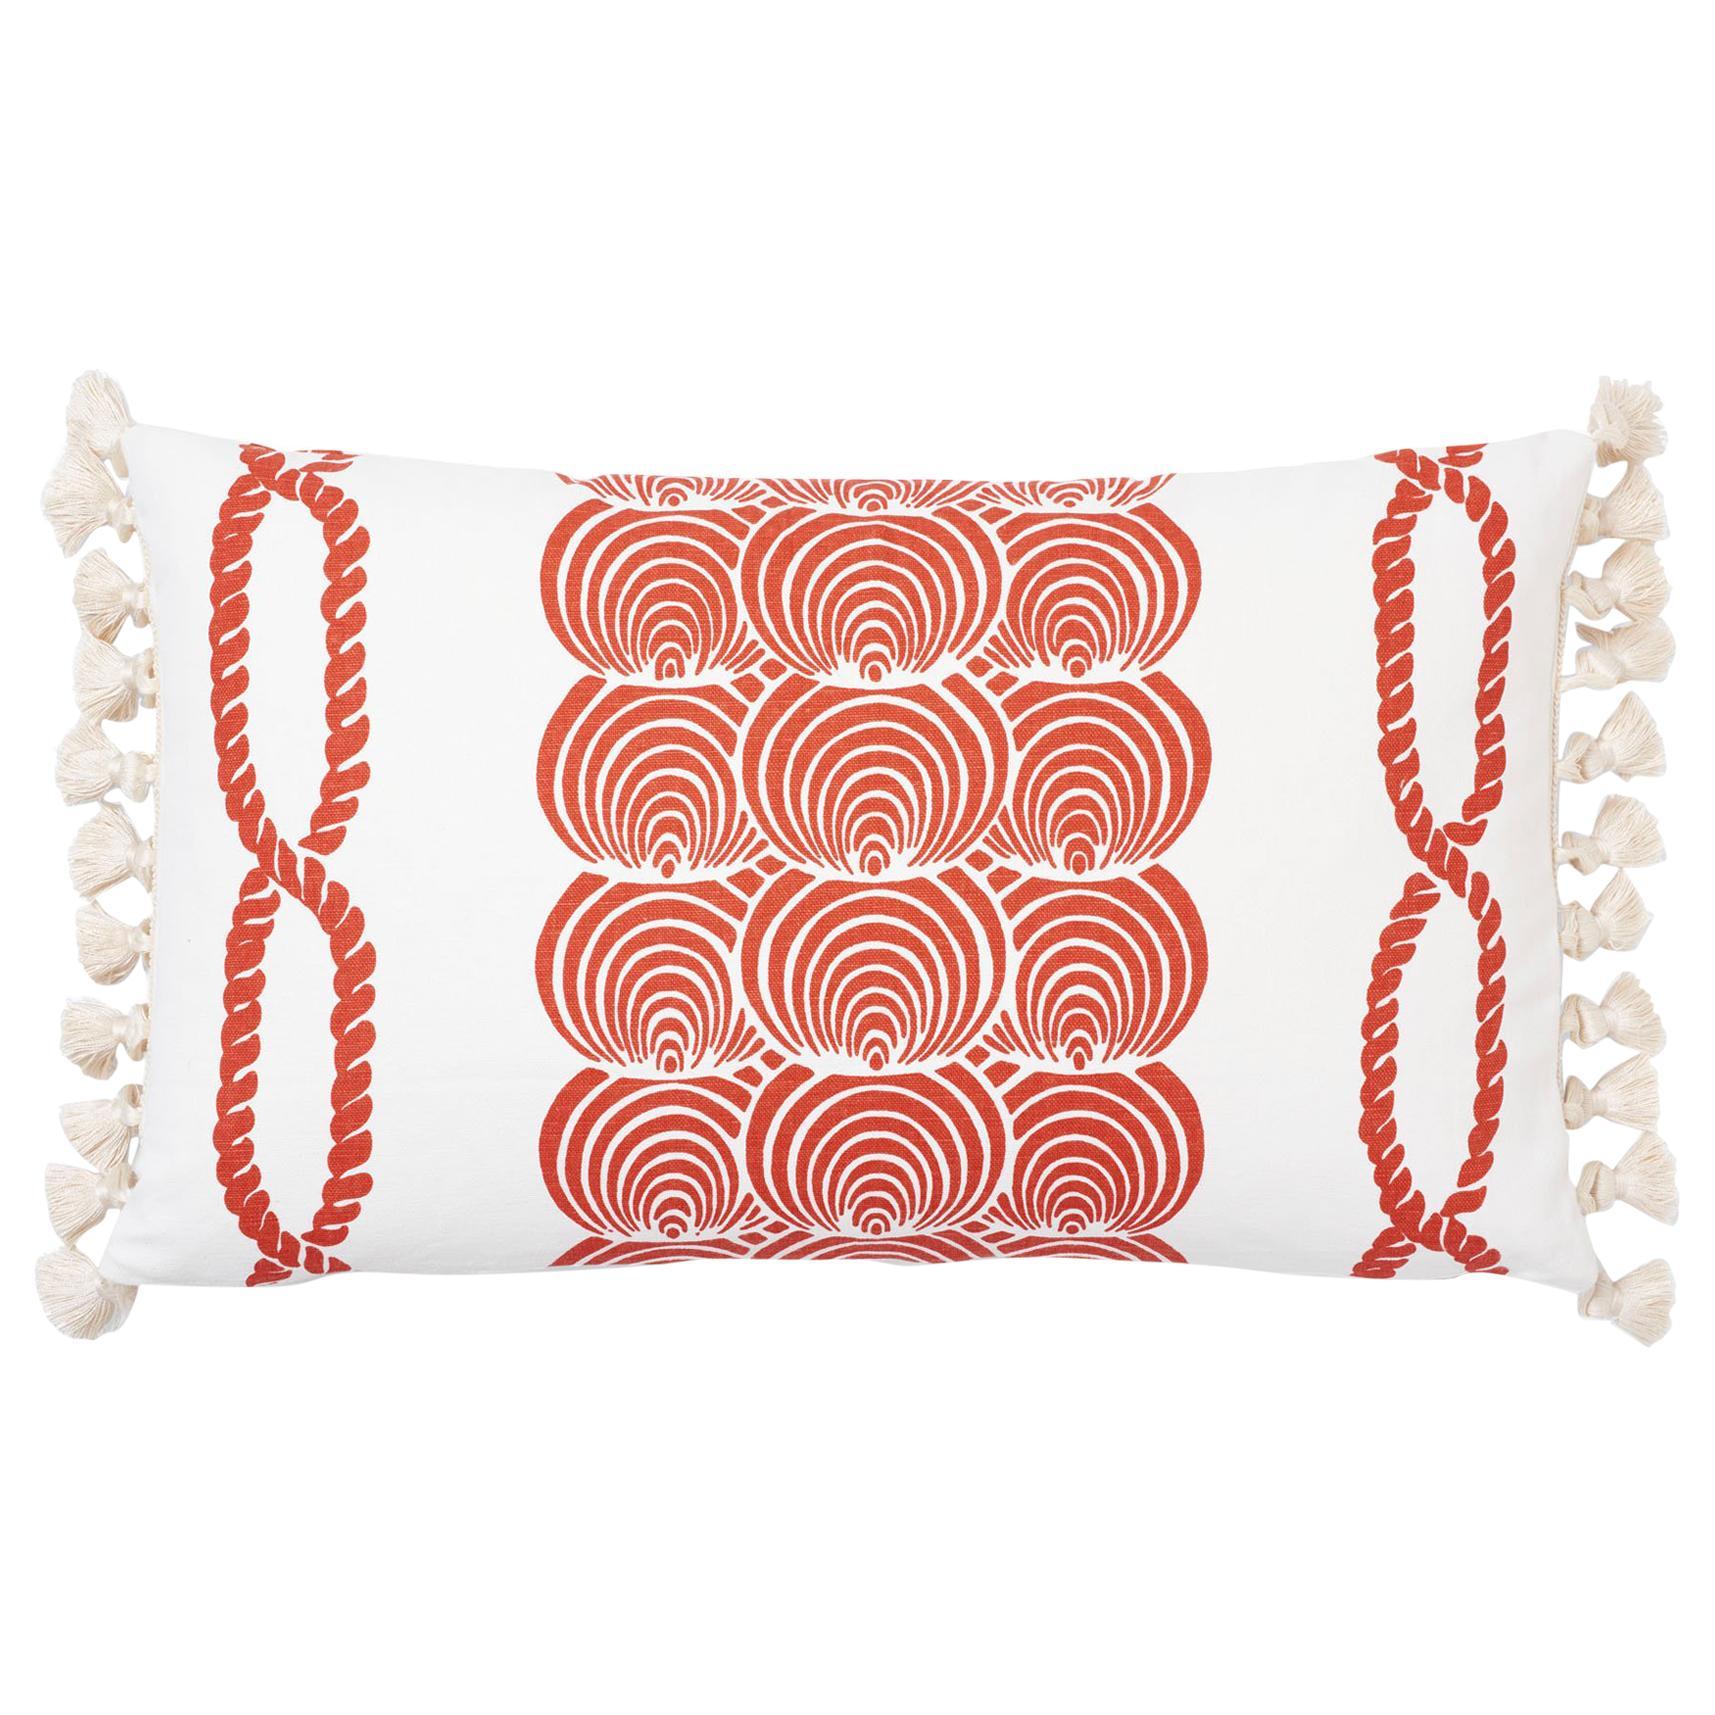 Schumacher Coralline Red Two-Sided Lumbar Linen Cotton Pillow